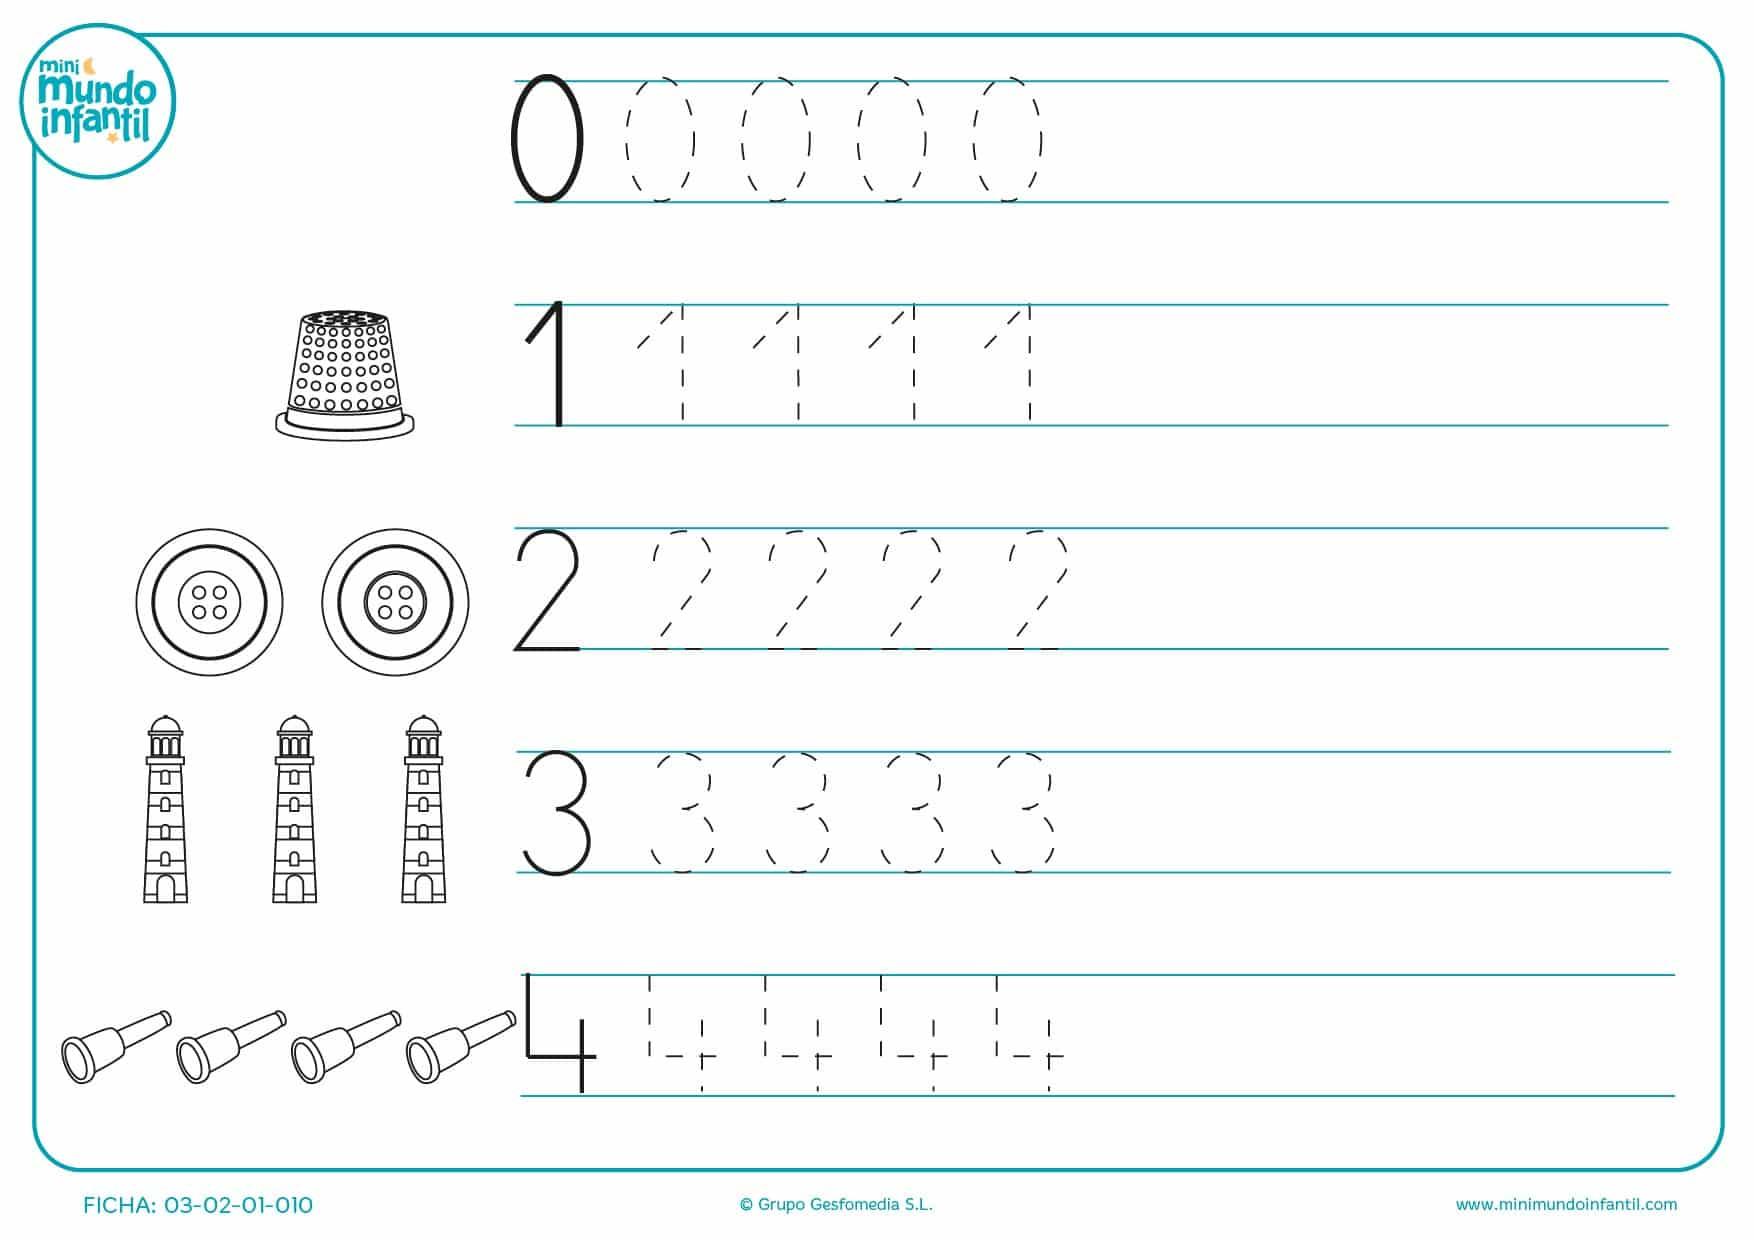 Ejercicio para aprender a trazar la forma de los números del 0 al 4